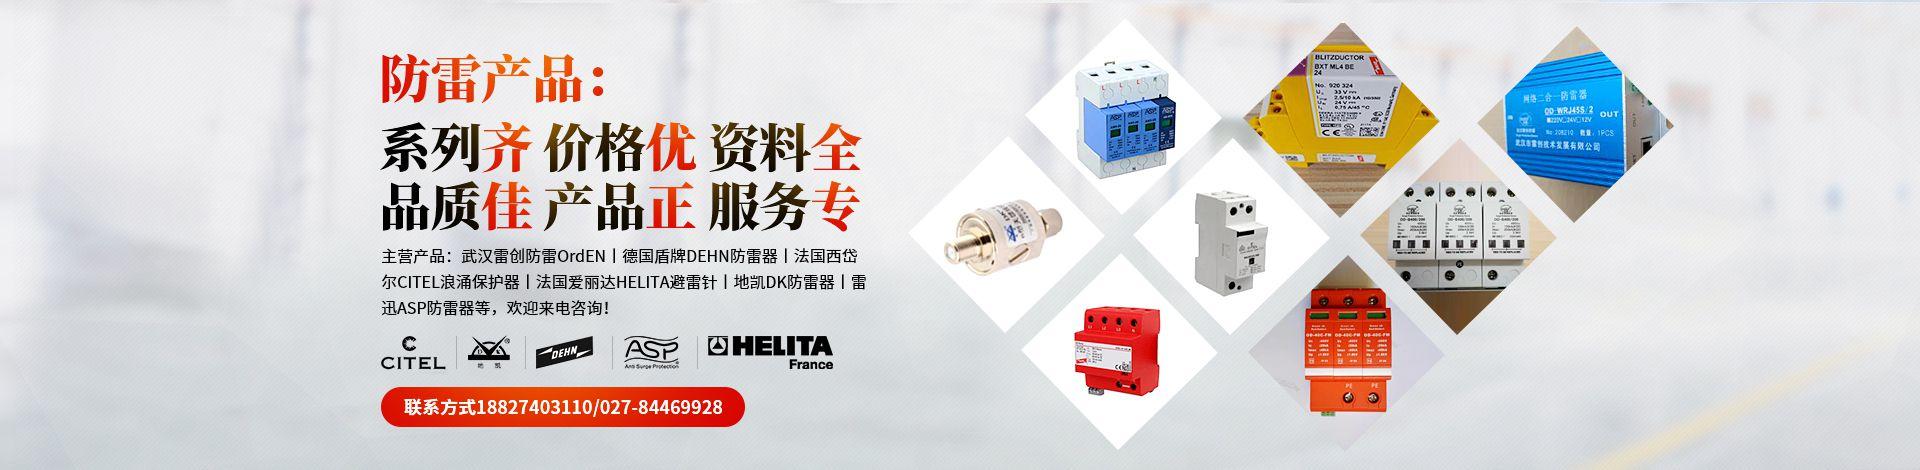 武汉市雷创技术发展有限公司